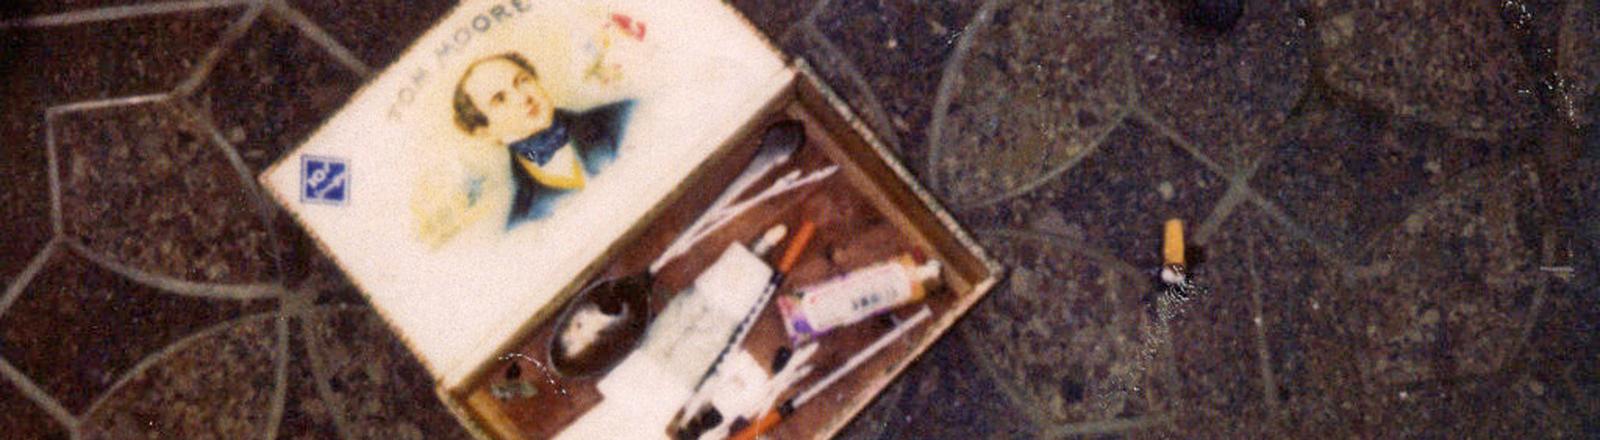 Auf dem Boden liegt eine Box mit Drogenbesteck. Diese wurde im Haus von US-Sänger Kurt Cobain nach seinem Tod von der Polizei sichergestellt. Bild: dpa